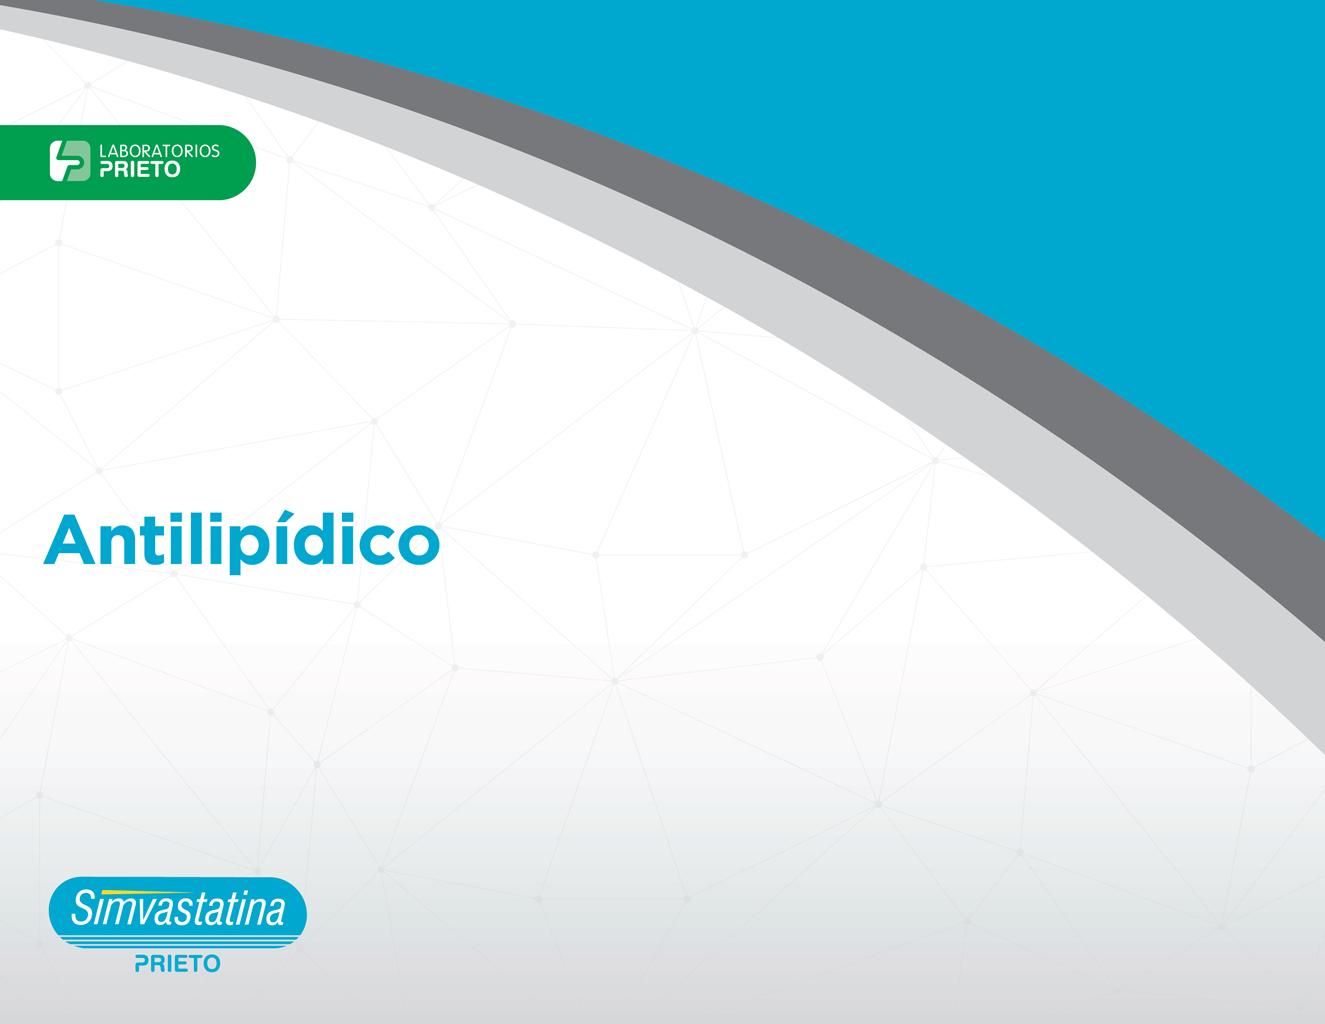 Vademecum-de-productos-Laboratorios-Prieto_Page_49